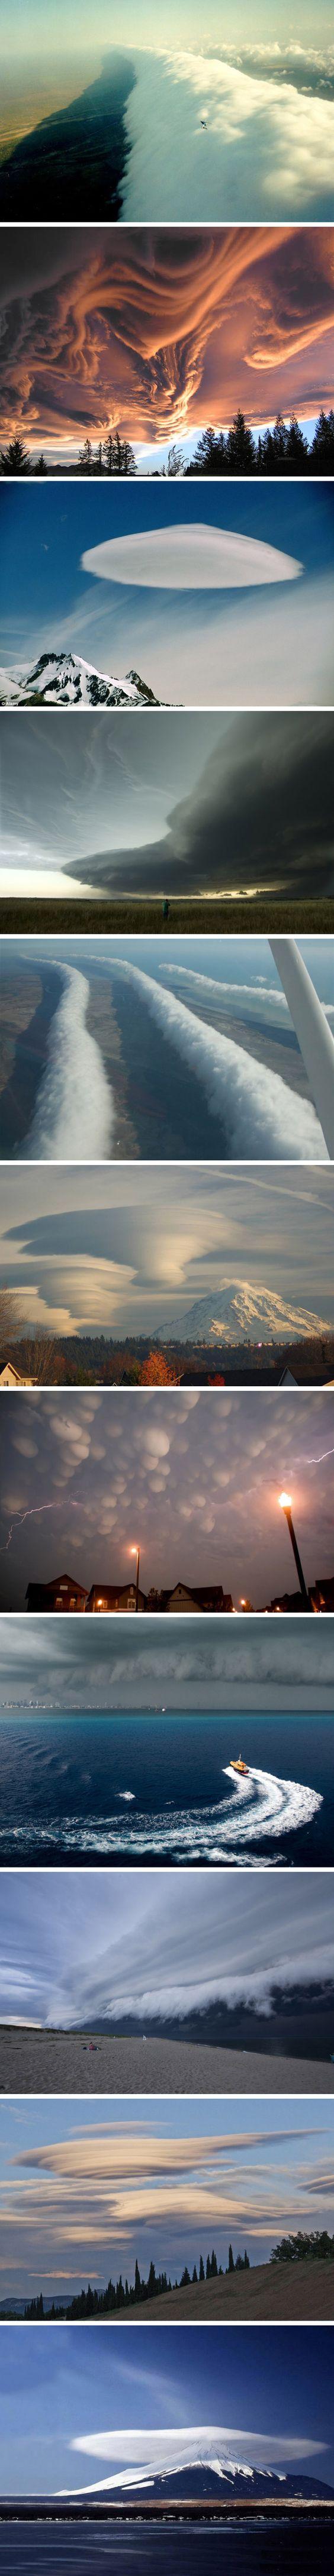 Clouds.: